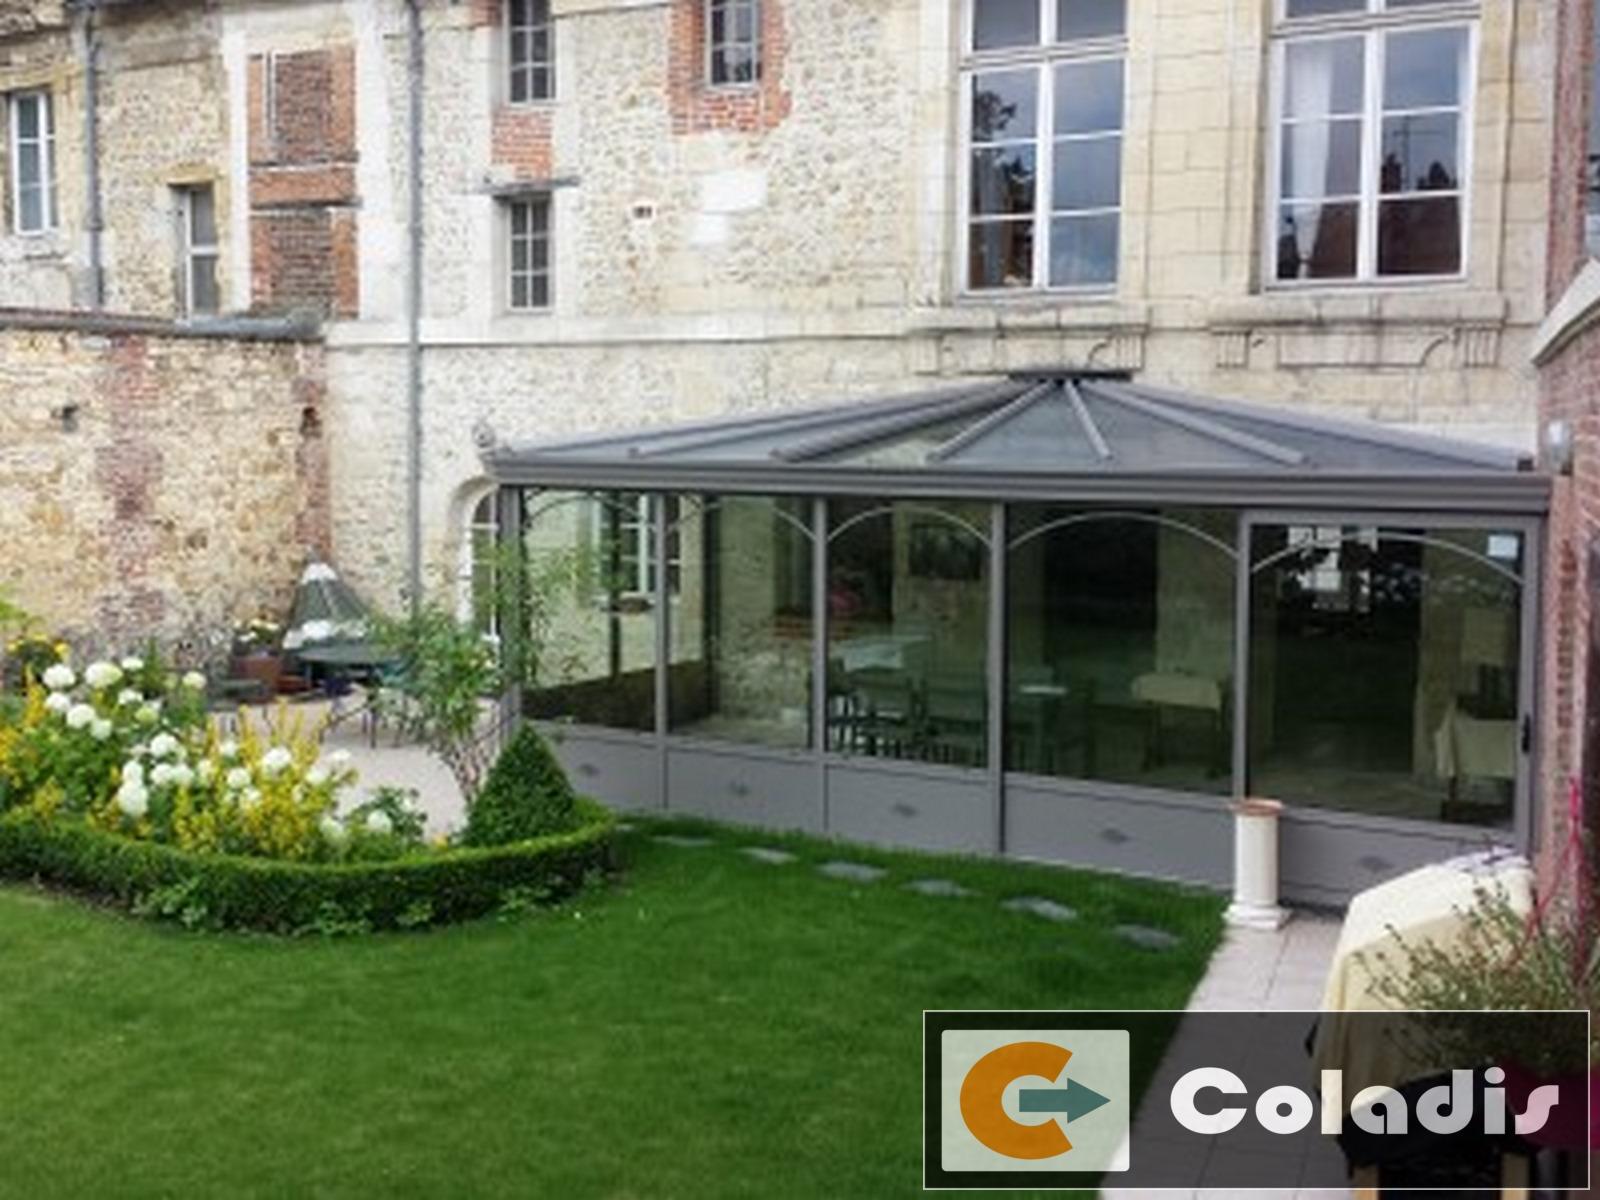 Véranda authentique grise dans le Calvados - Coladis